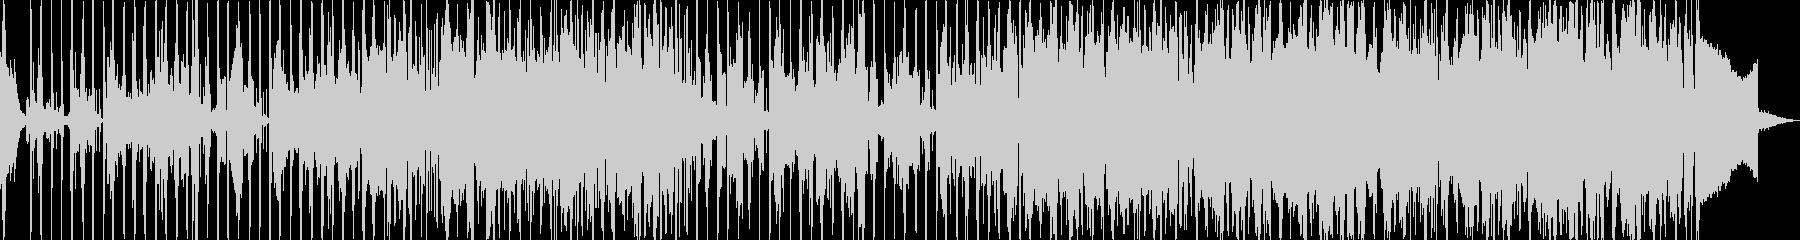 フュージョン ジャズ ゆっくり 魅...の未再生の波形